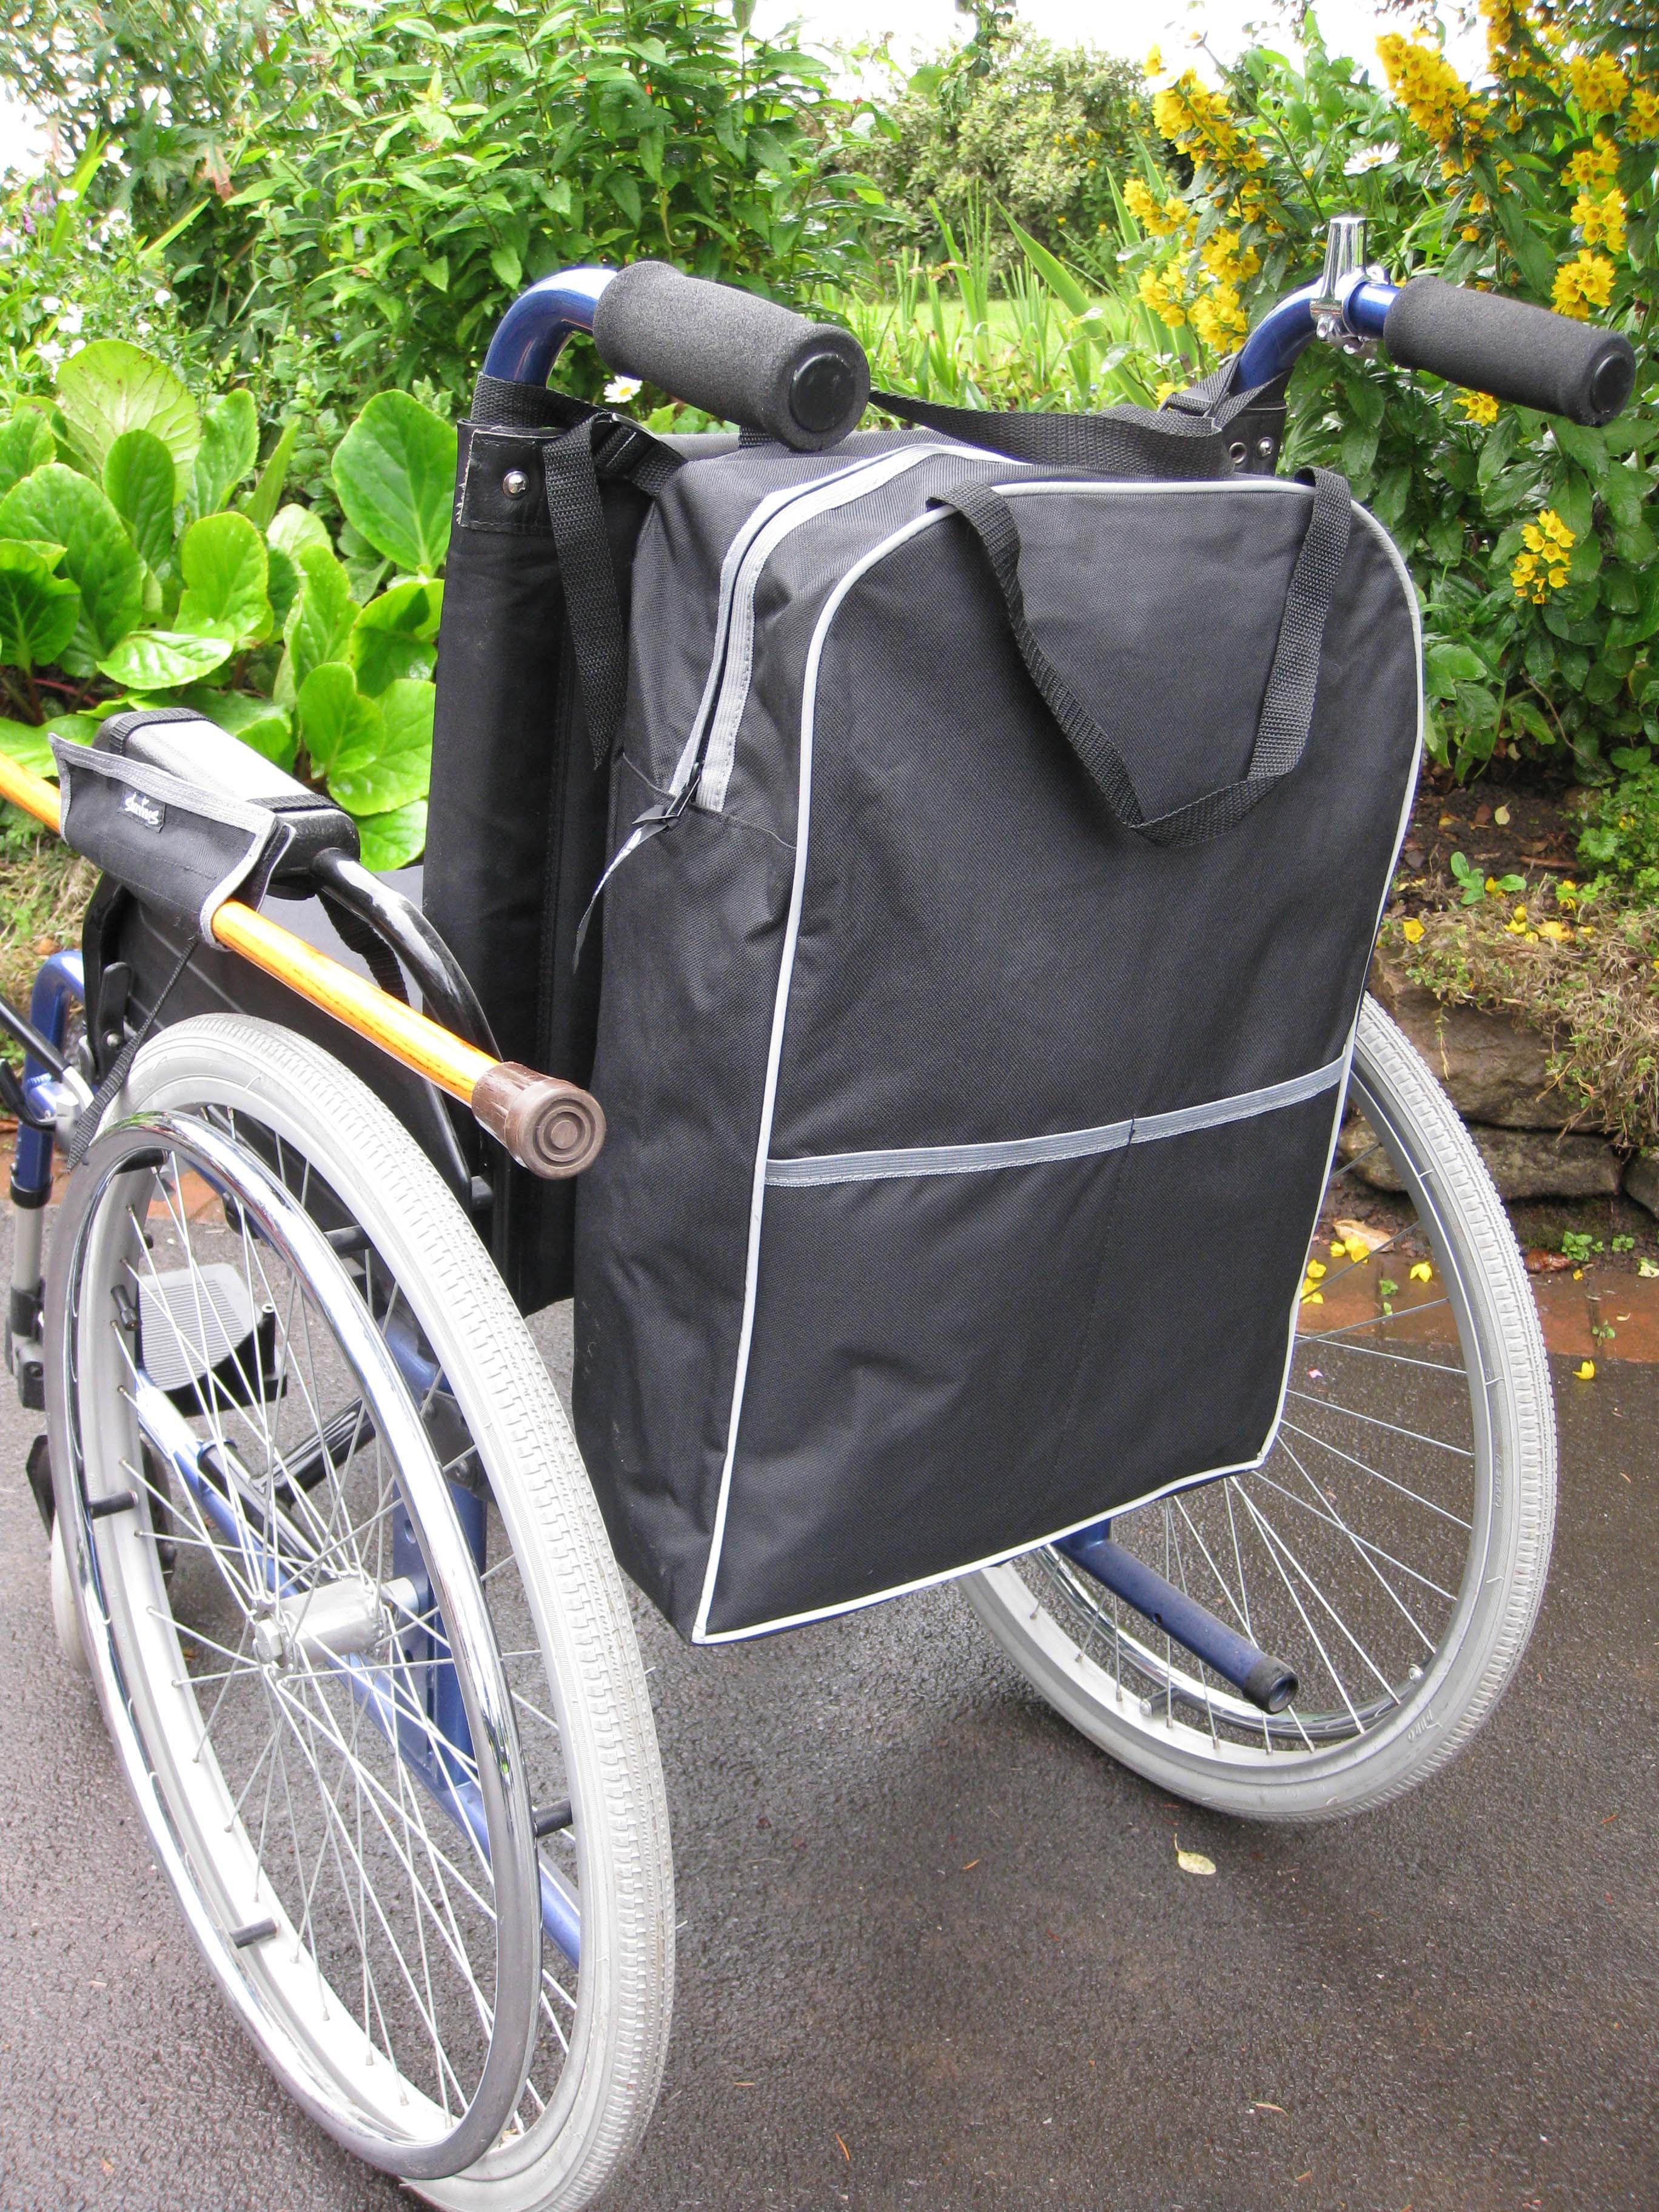 Mochila para silla de ruedas moviscooters sillas de ruedas scooters - Alquiler de sillas de ruedas electricas ...